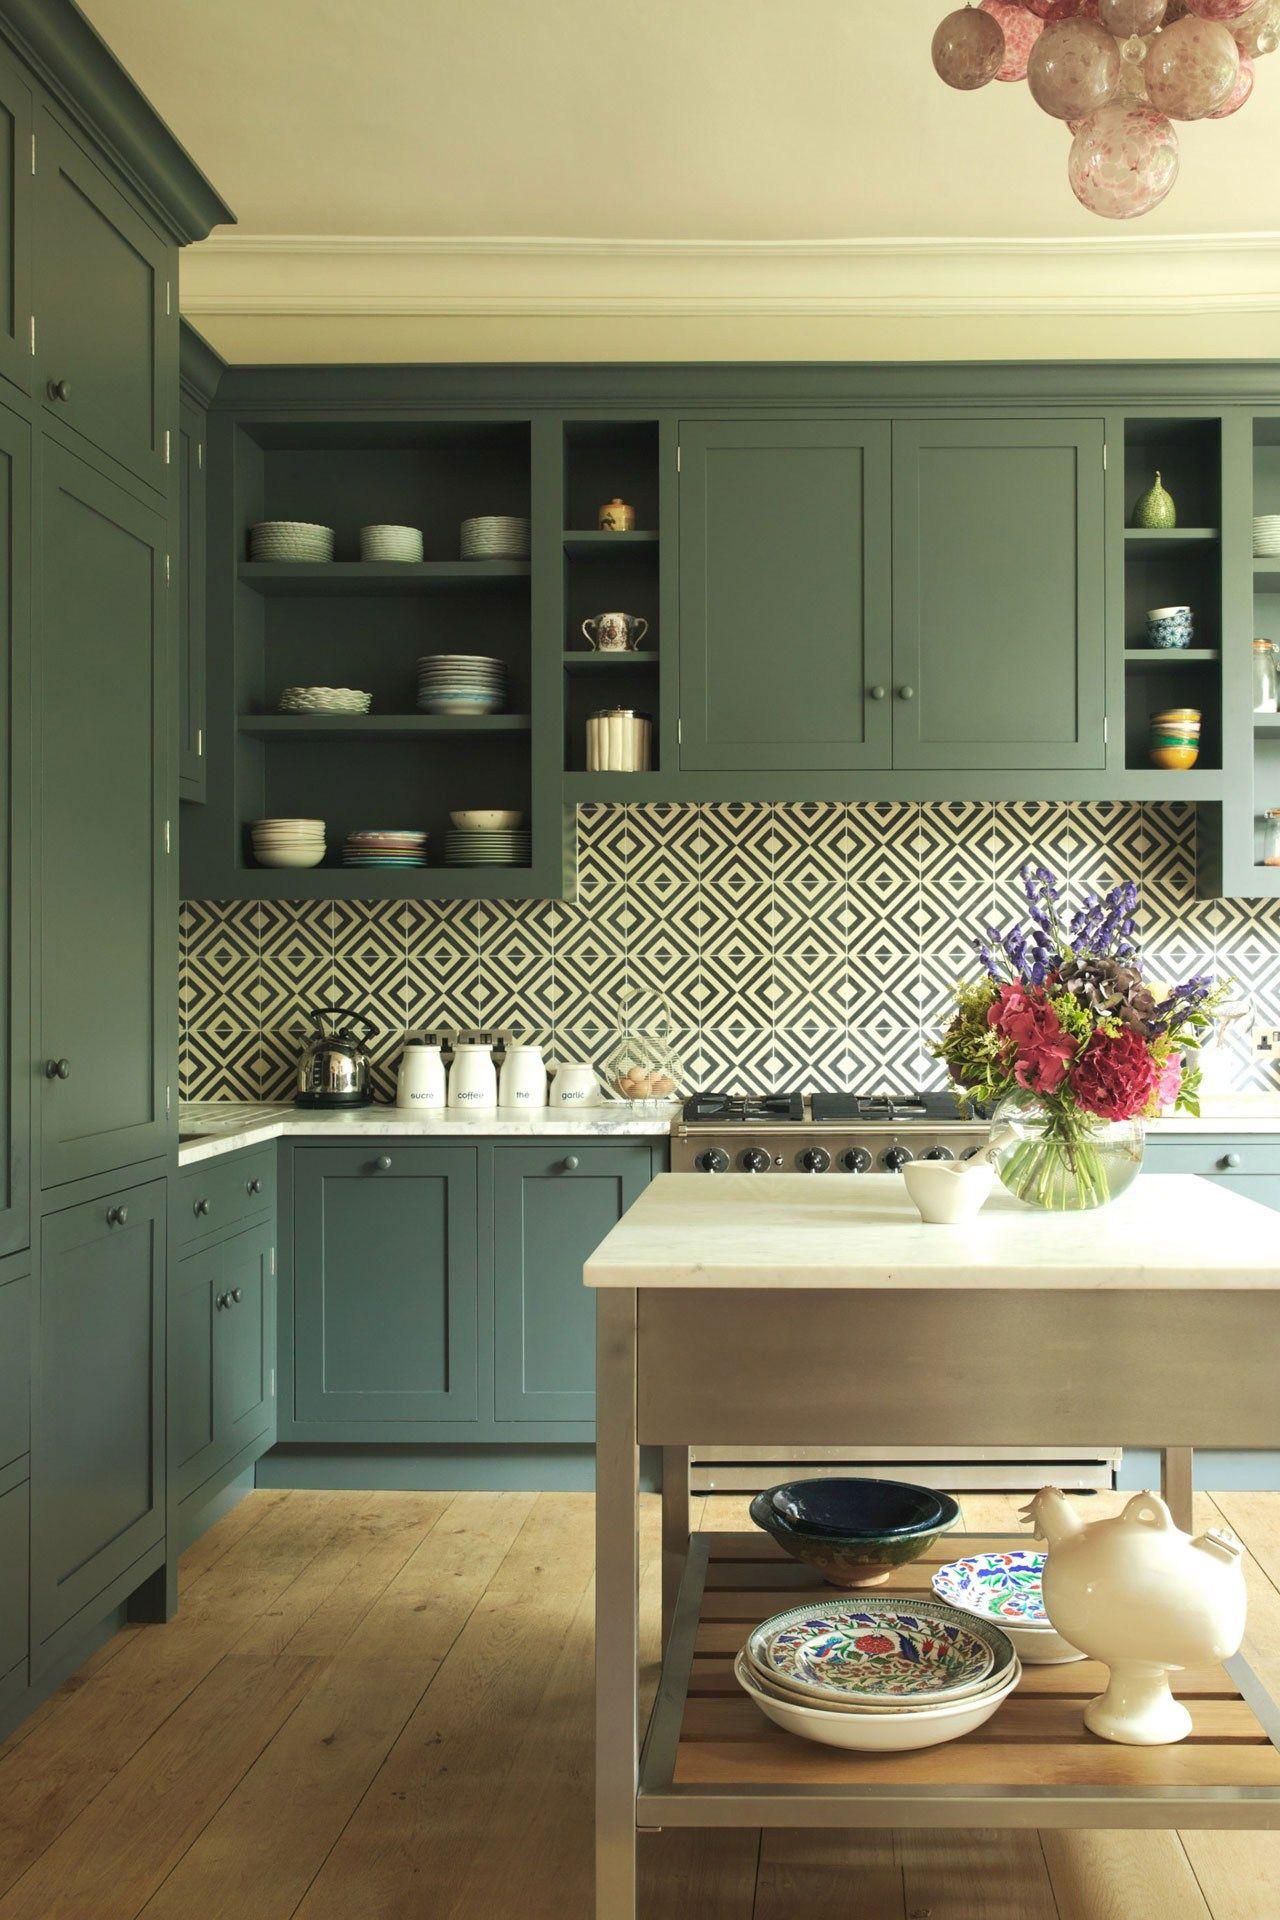 Kitchen ideas Kitchen flooring, Kitchen trends, Interior